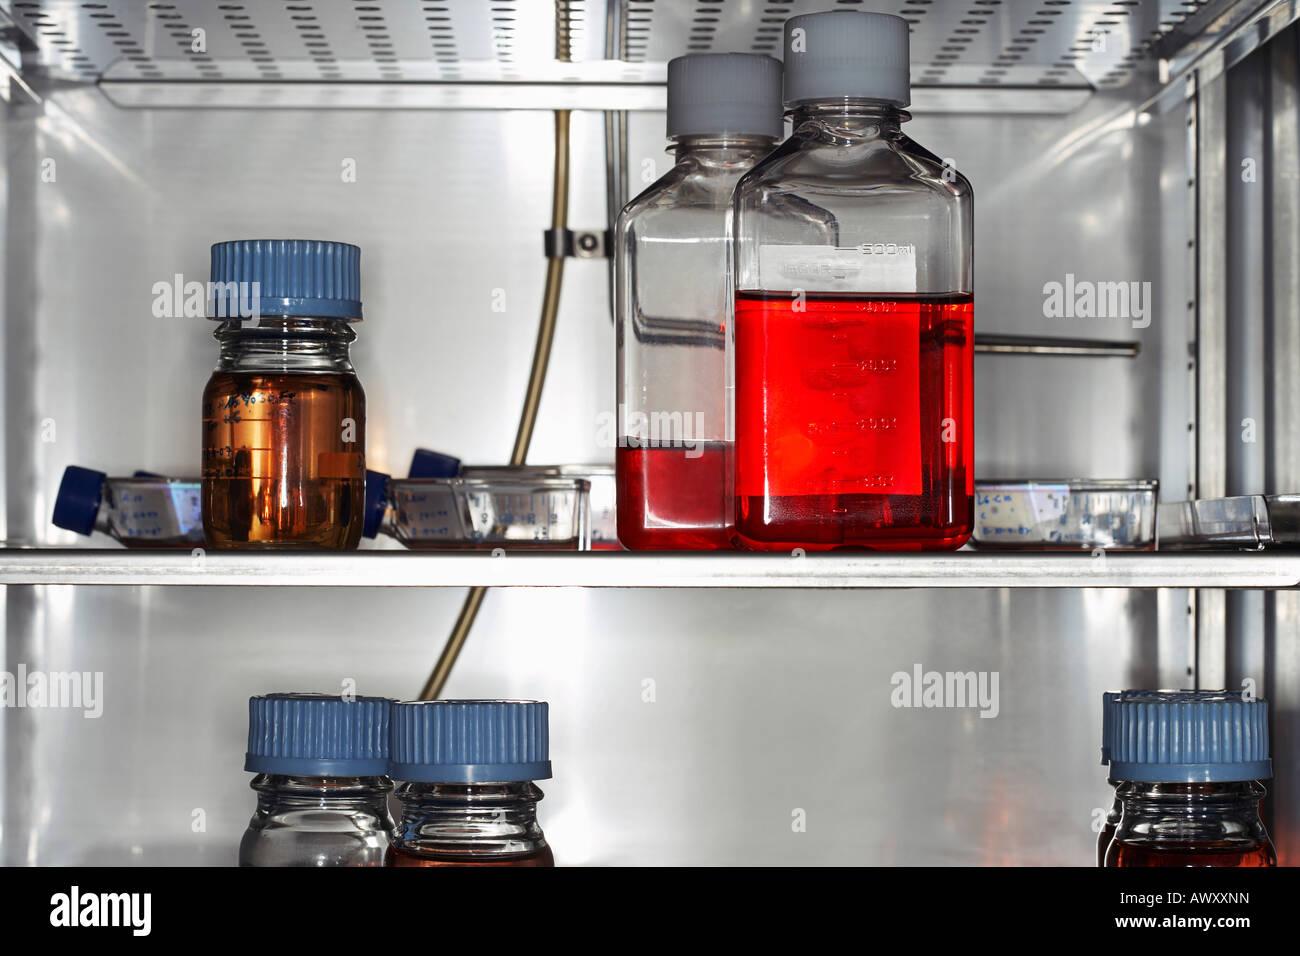 Kühlschrank Regal : Flaschen und behälter im labor kühlschrank regal nahaufnahme